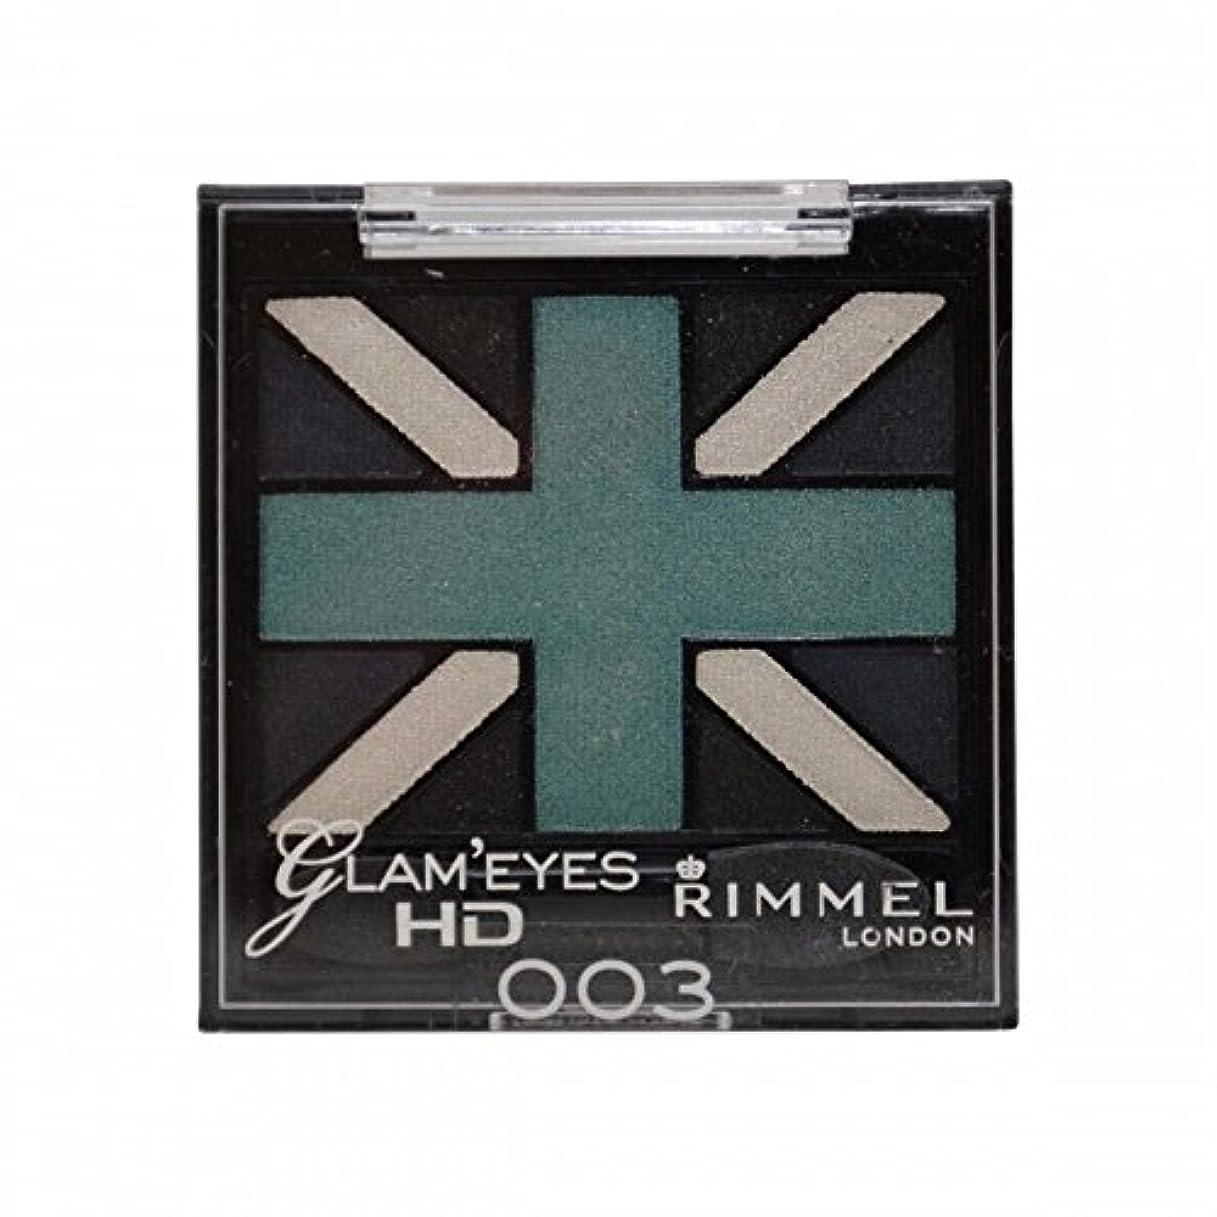 発見急速な特許RIMMEL LONDON Glam'Eyes HD Eyeshadows Royal Blue (並行輸入品)